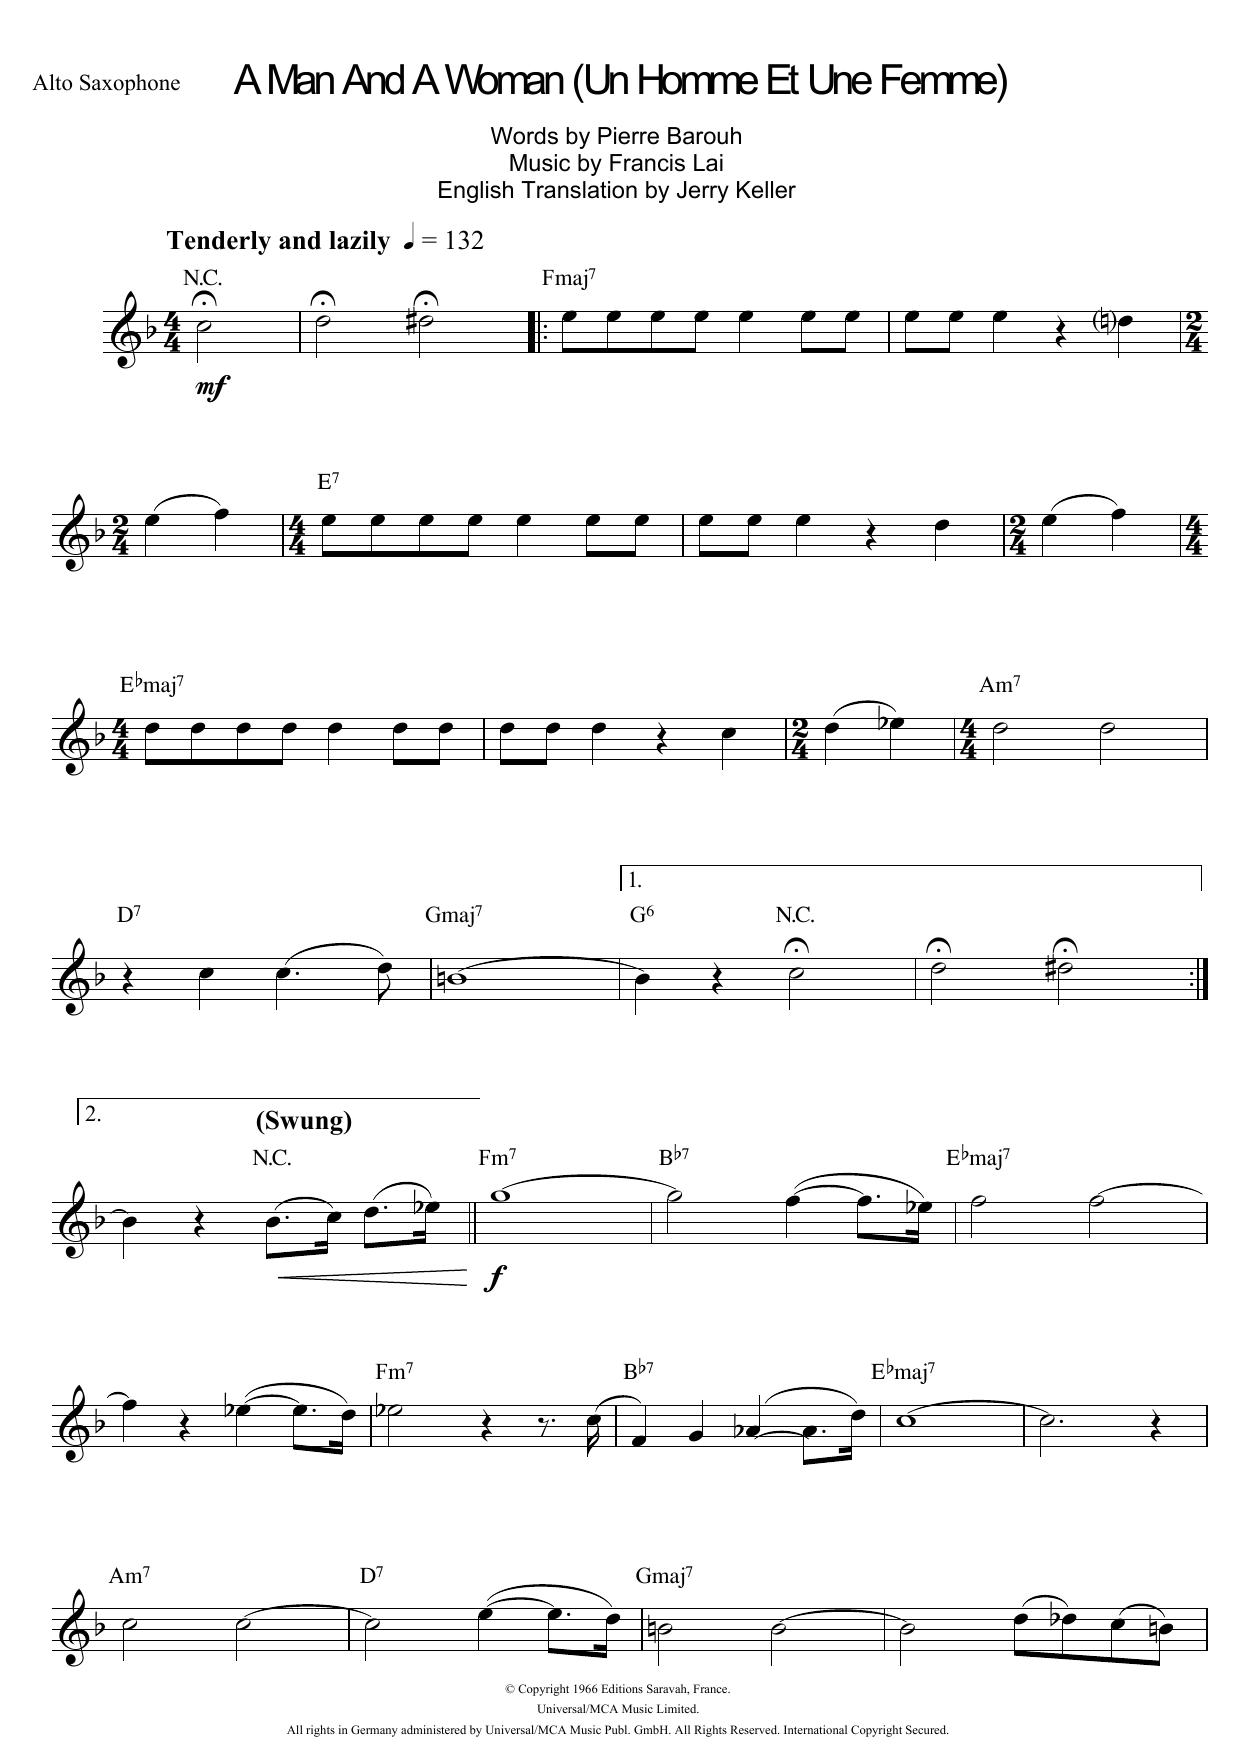 A Man And A Woman (Un Homme Et Une Femme) Sheet Music